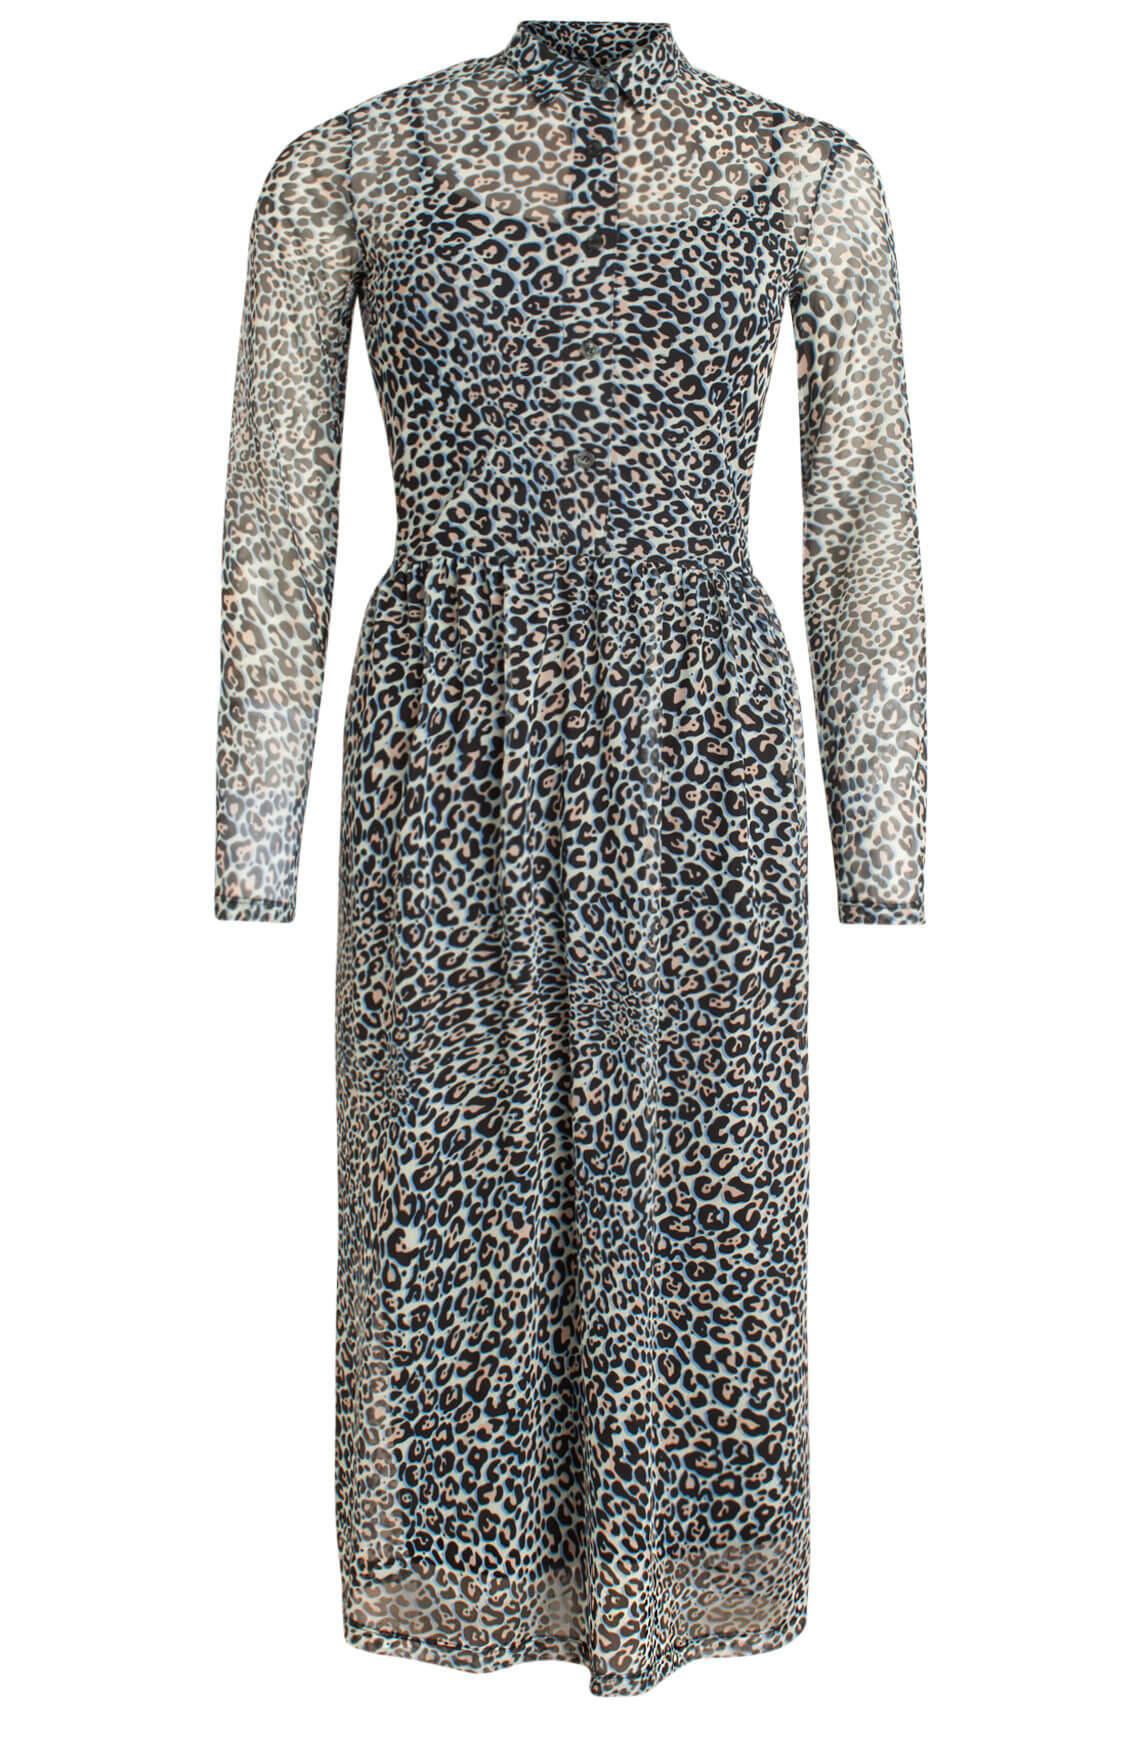 Anna Dames Lange jurk met panterprint wit